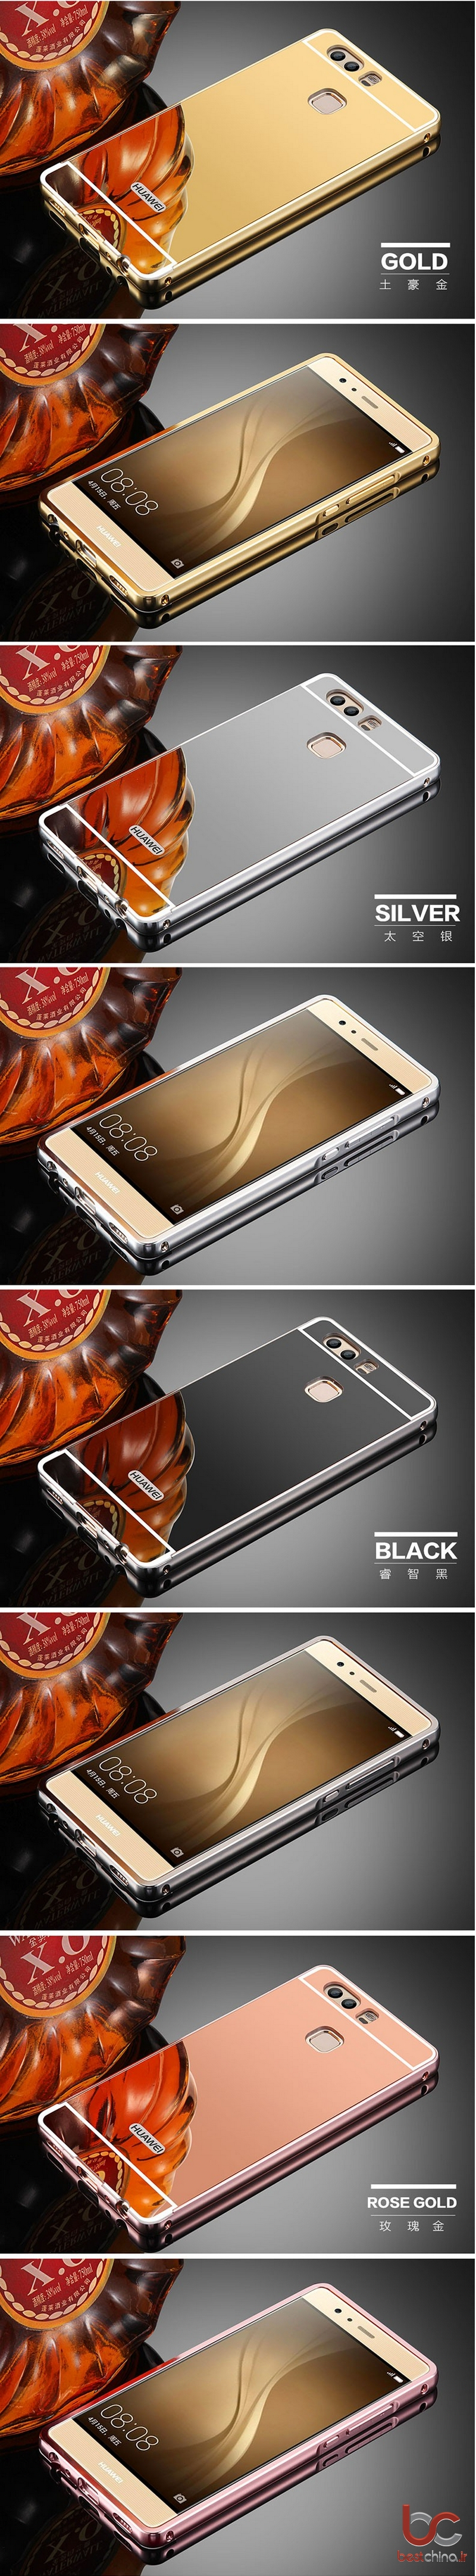 Huawei P9 Aluminium Back Cover (2)